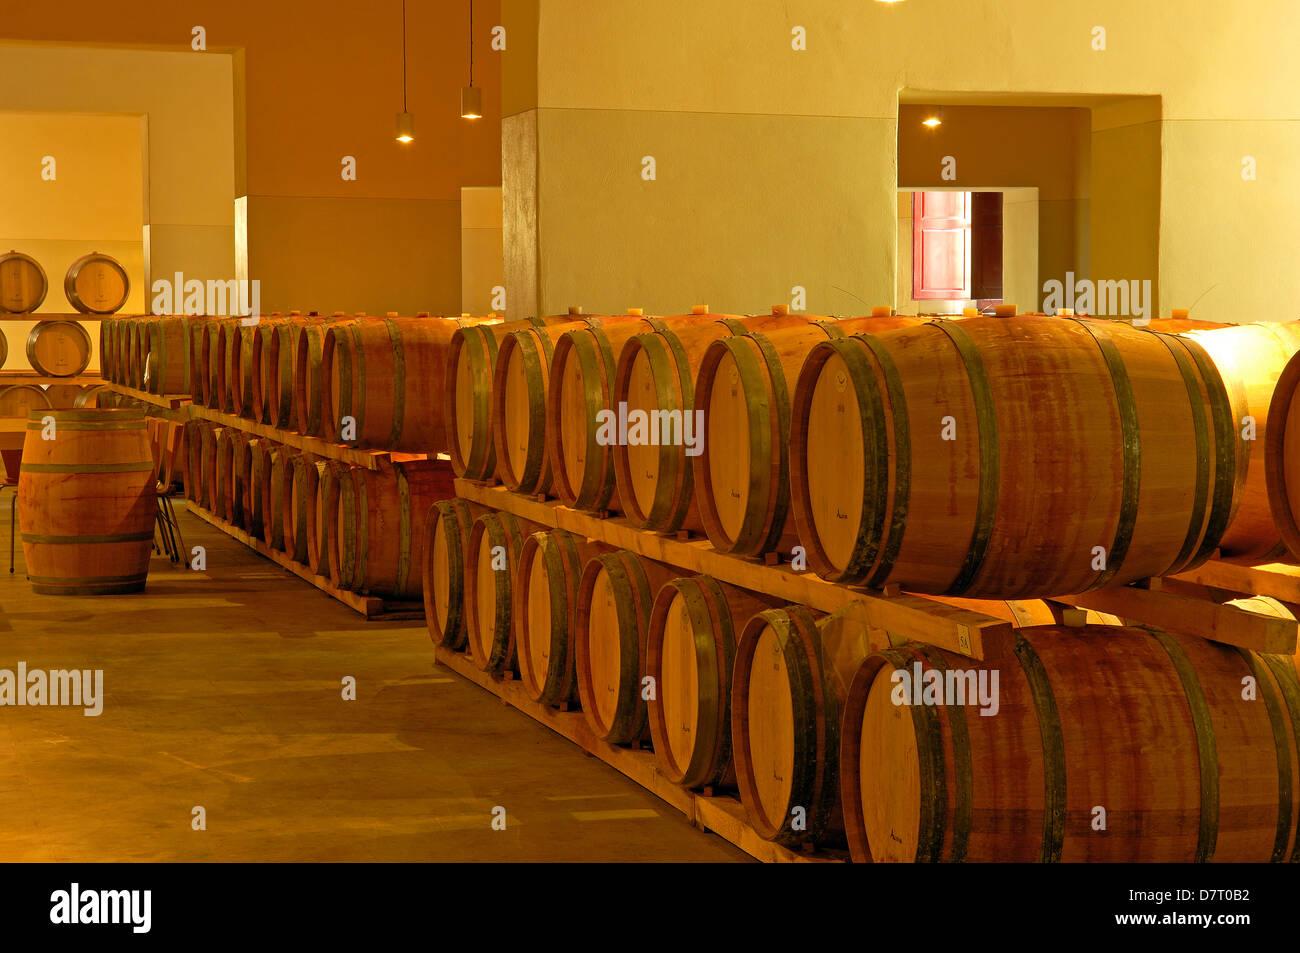 Chianti, Castello di Brolio cellar , Brolio Castle Cellar, Ricasoli Vineyard, Siena Province, Tuscany, Italy Stock Photo